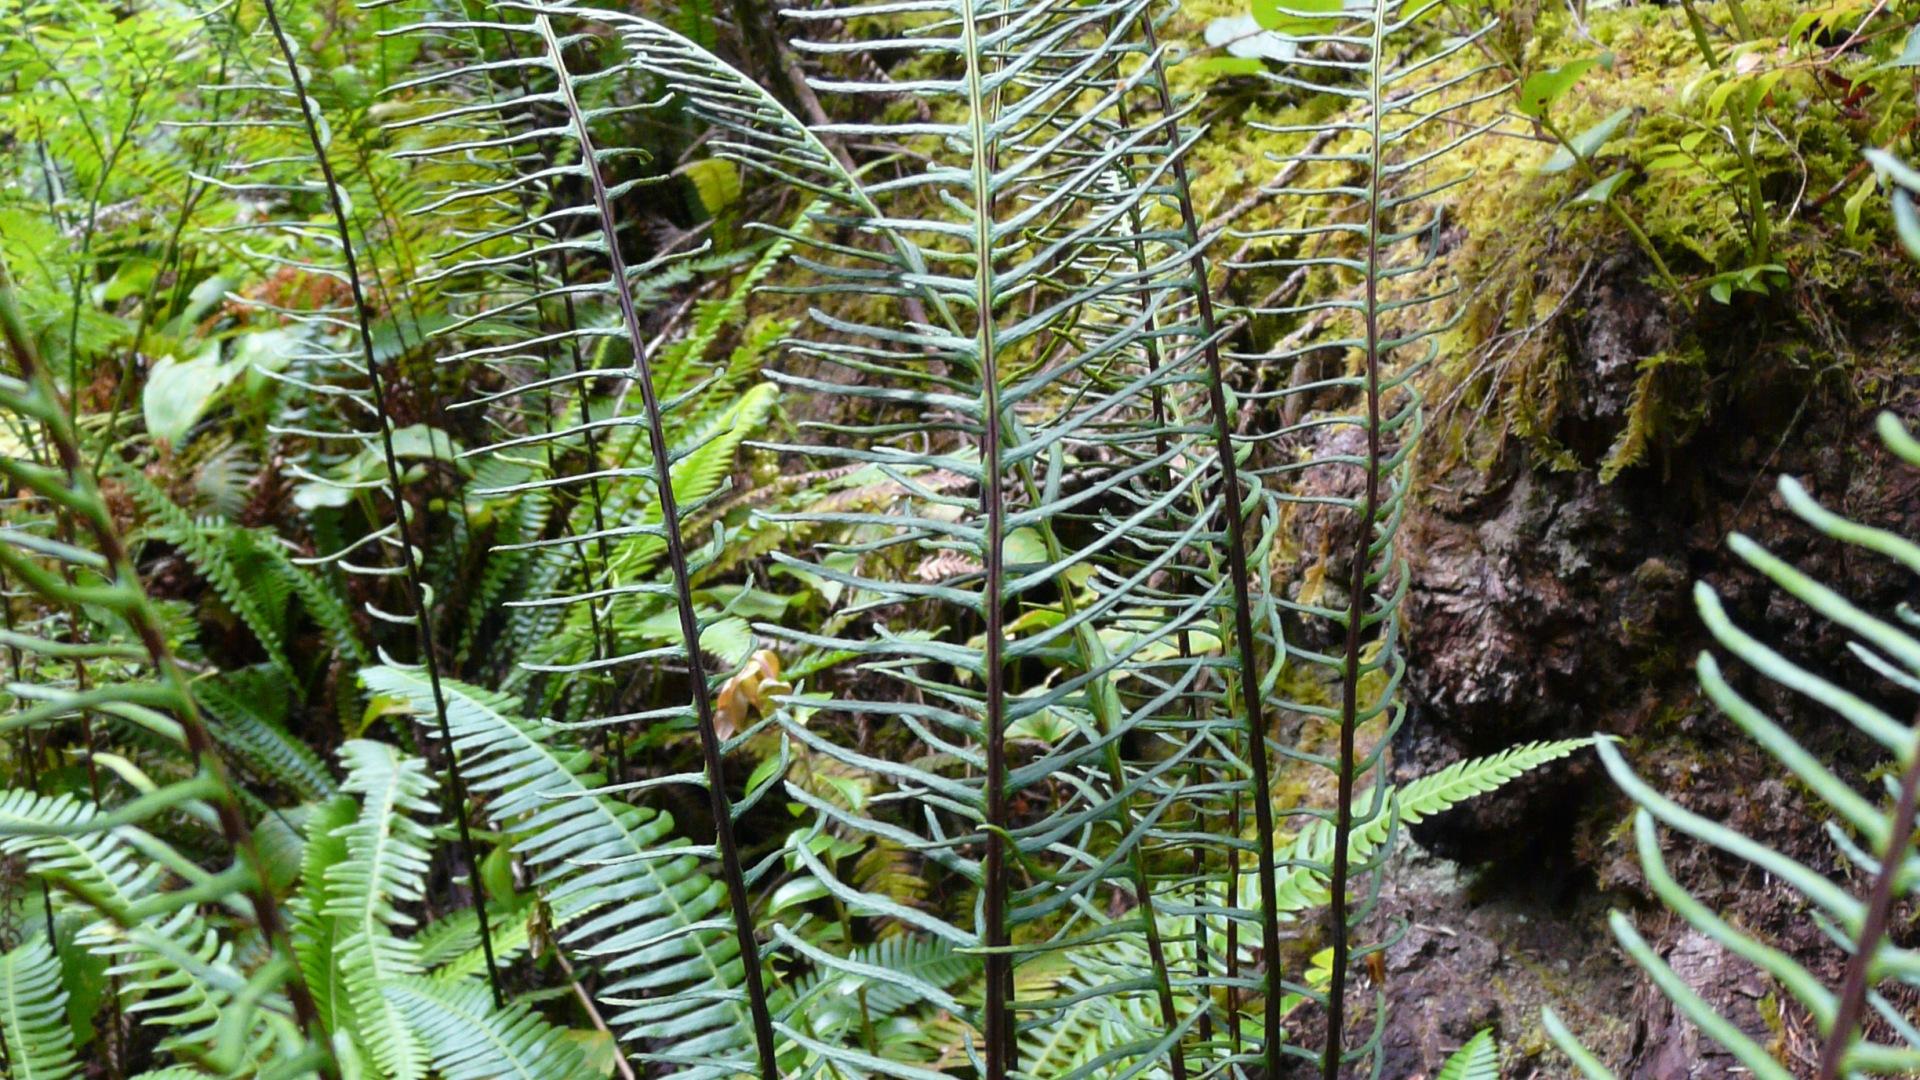 Ferns in the wild